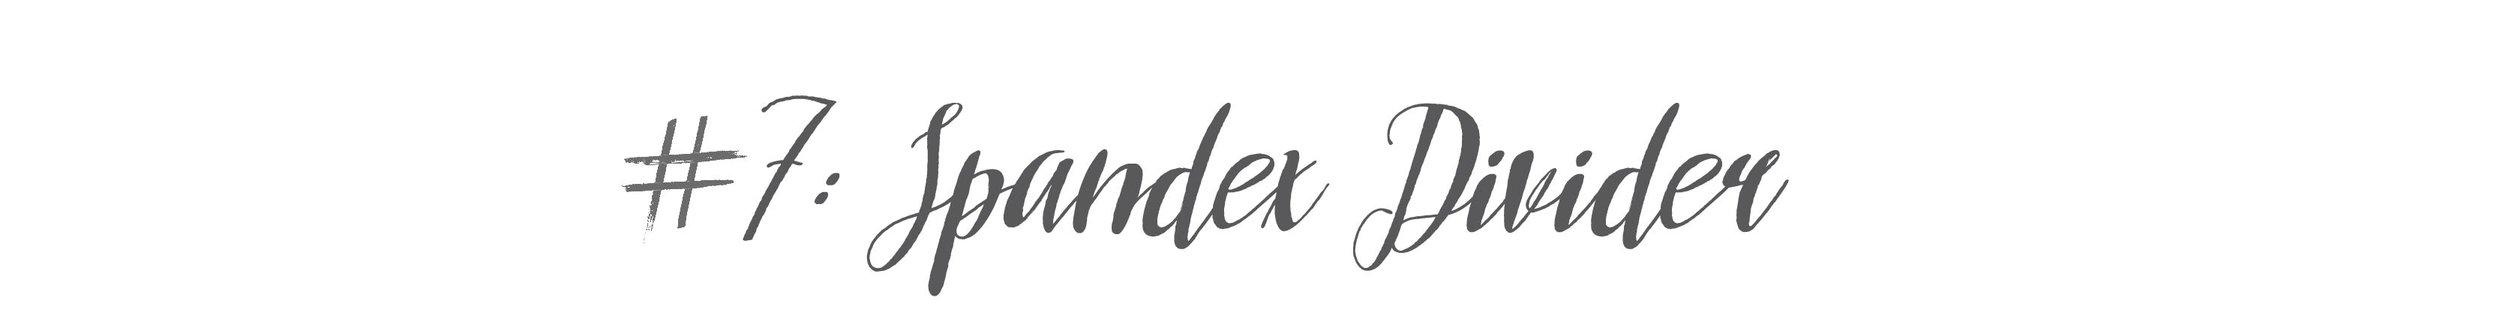 #7: Spandex Divider